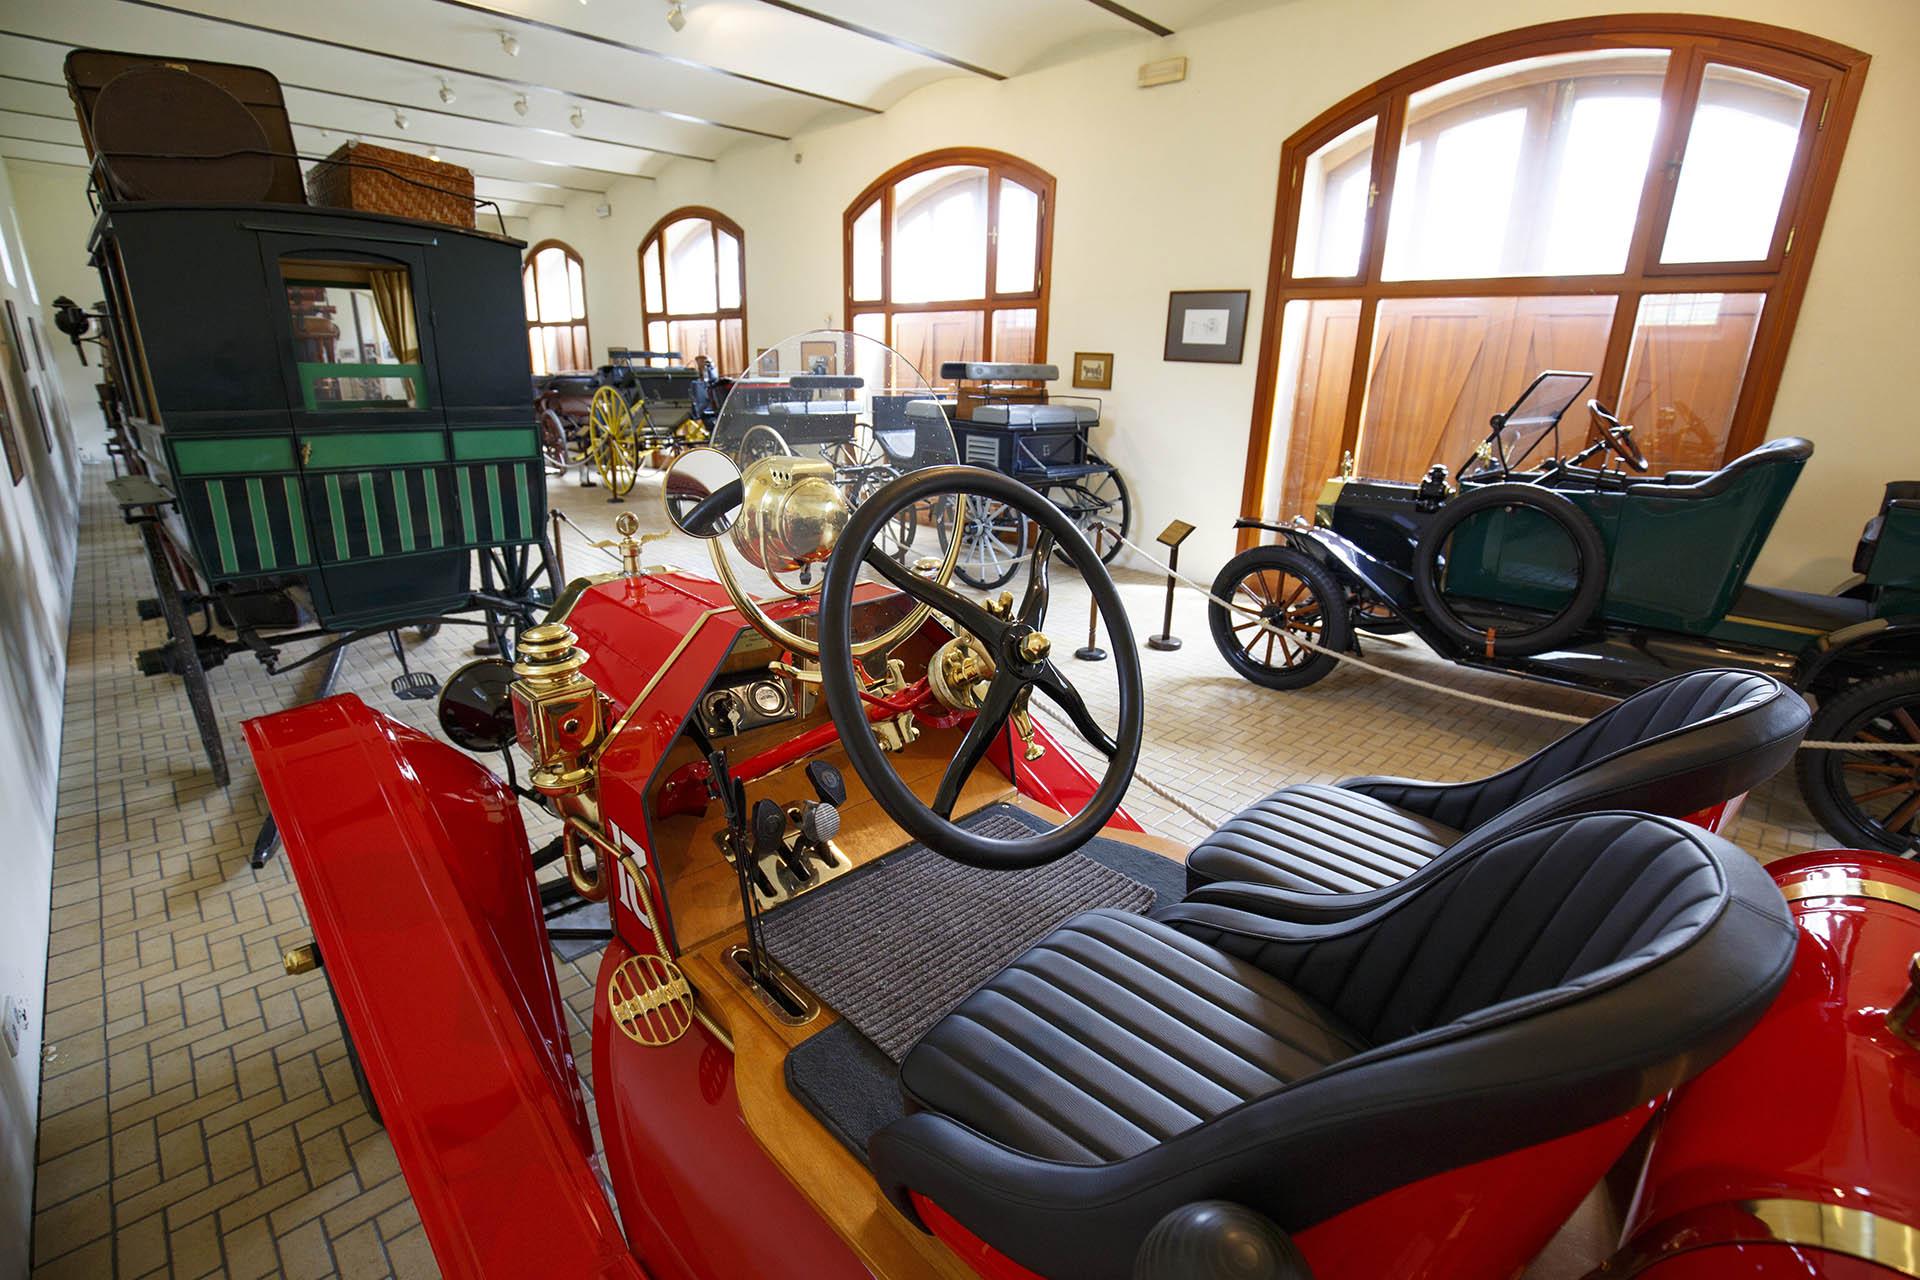 Keszthelyi hintómúzeum